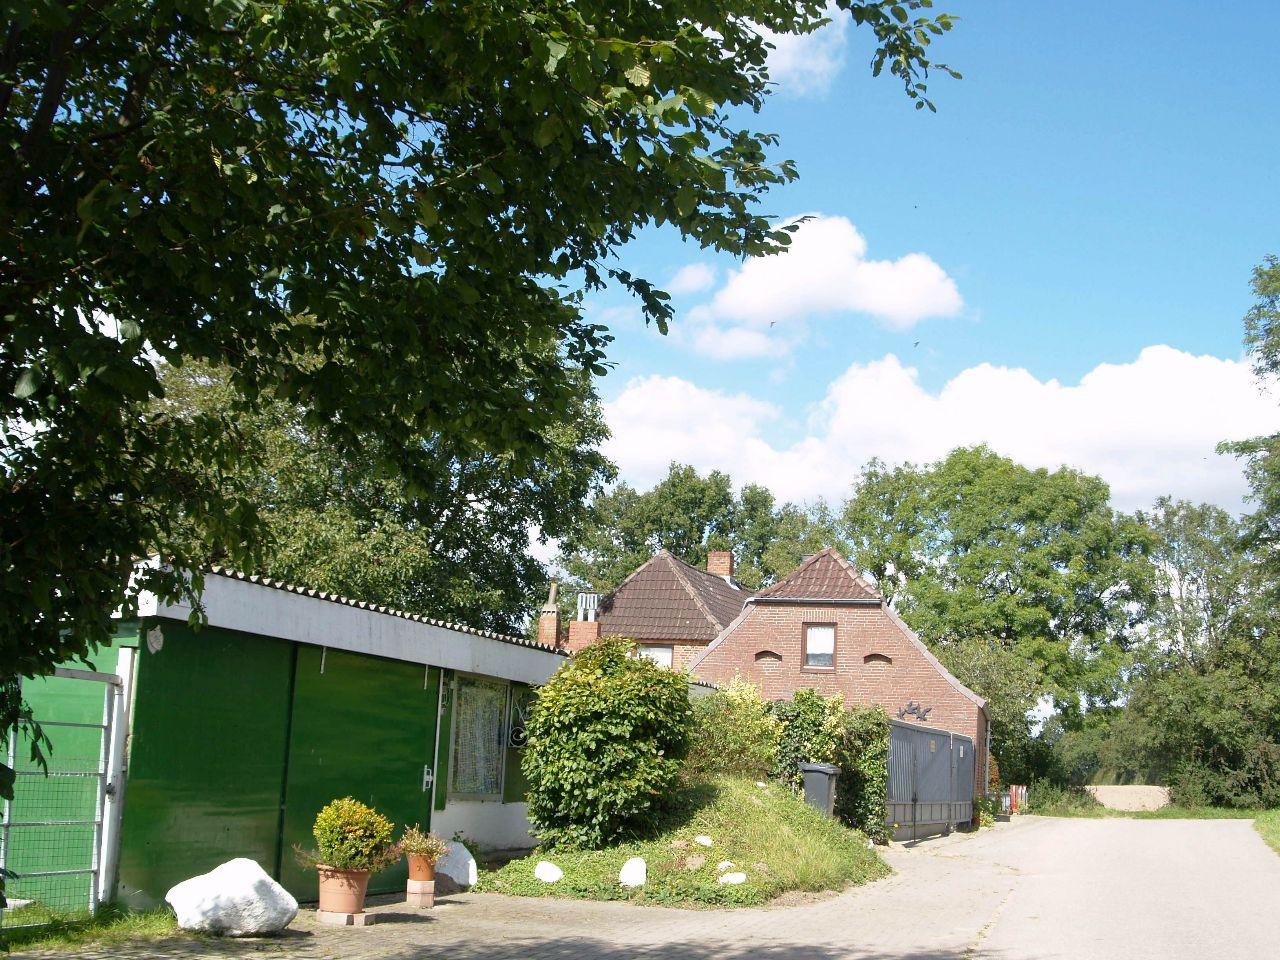 Der Schefenhof - heute Rave und Sieck